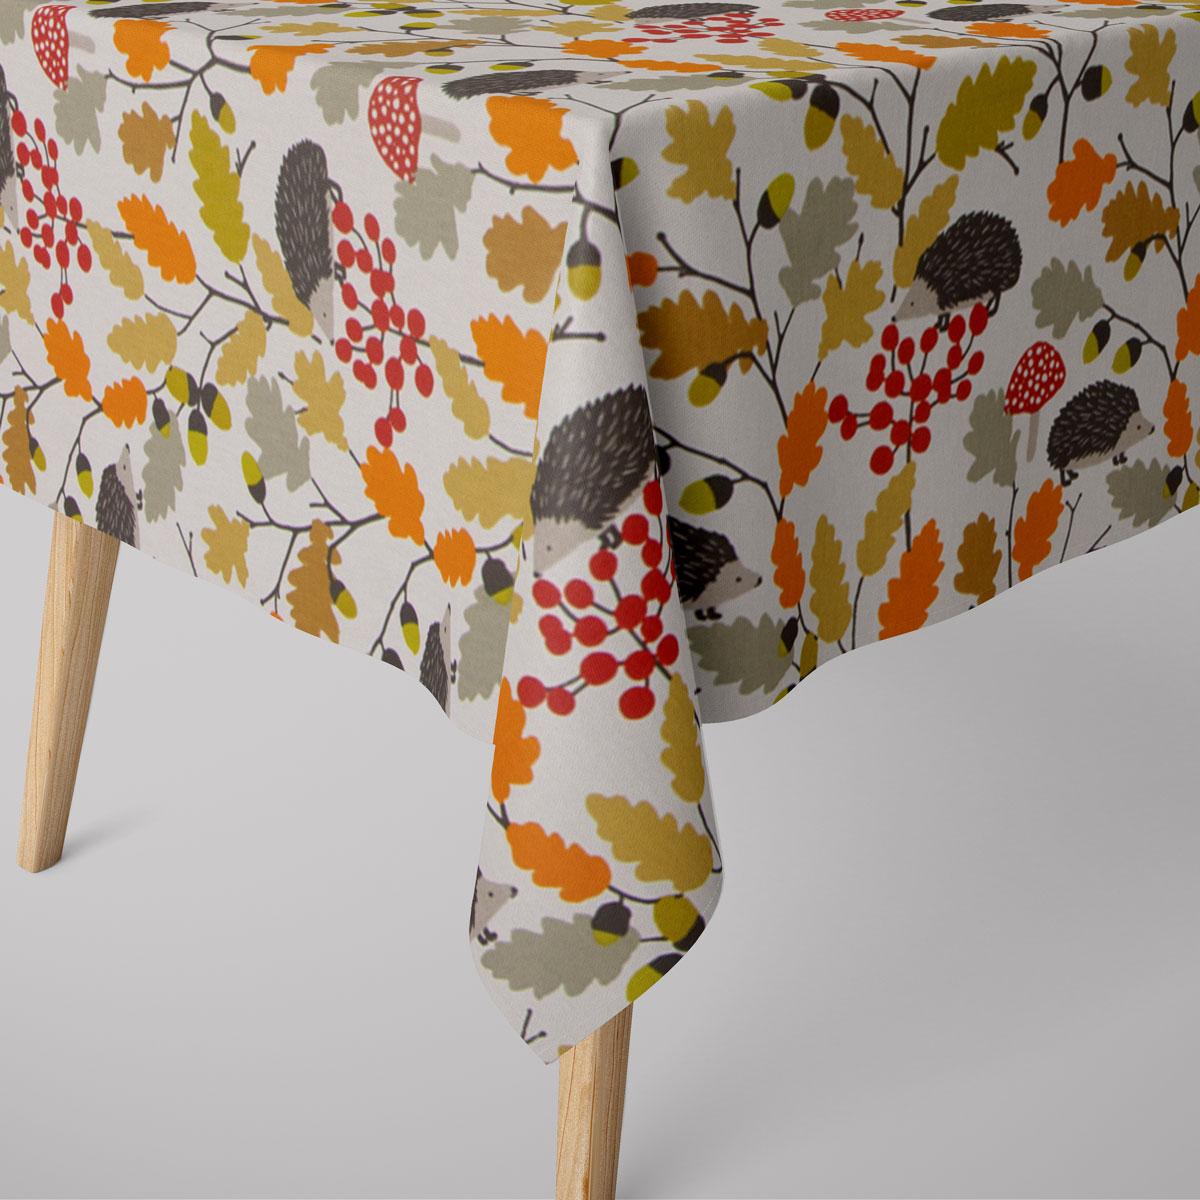 Tischläufer Autumn Zweige Eicheln Igel creme orange rot 40x160cm SCHÖNER LEBEN